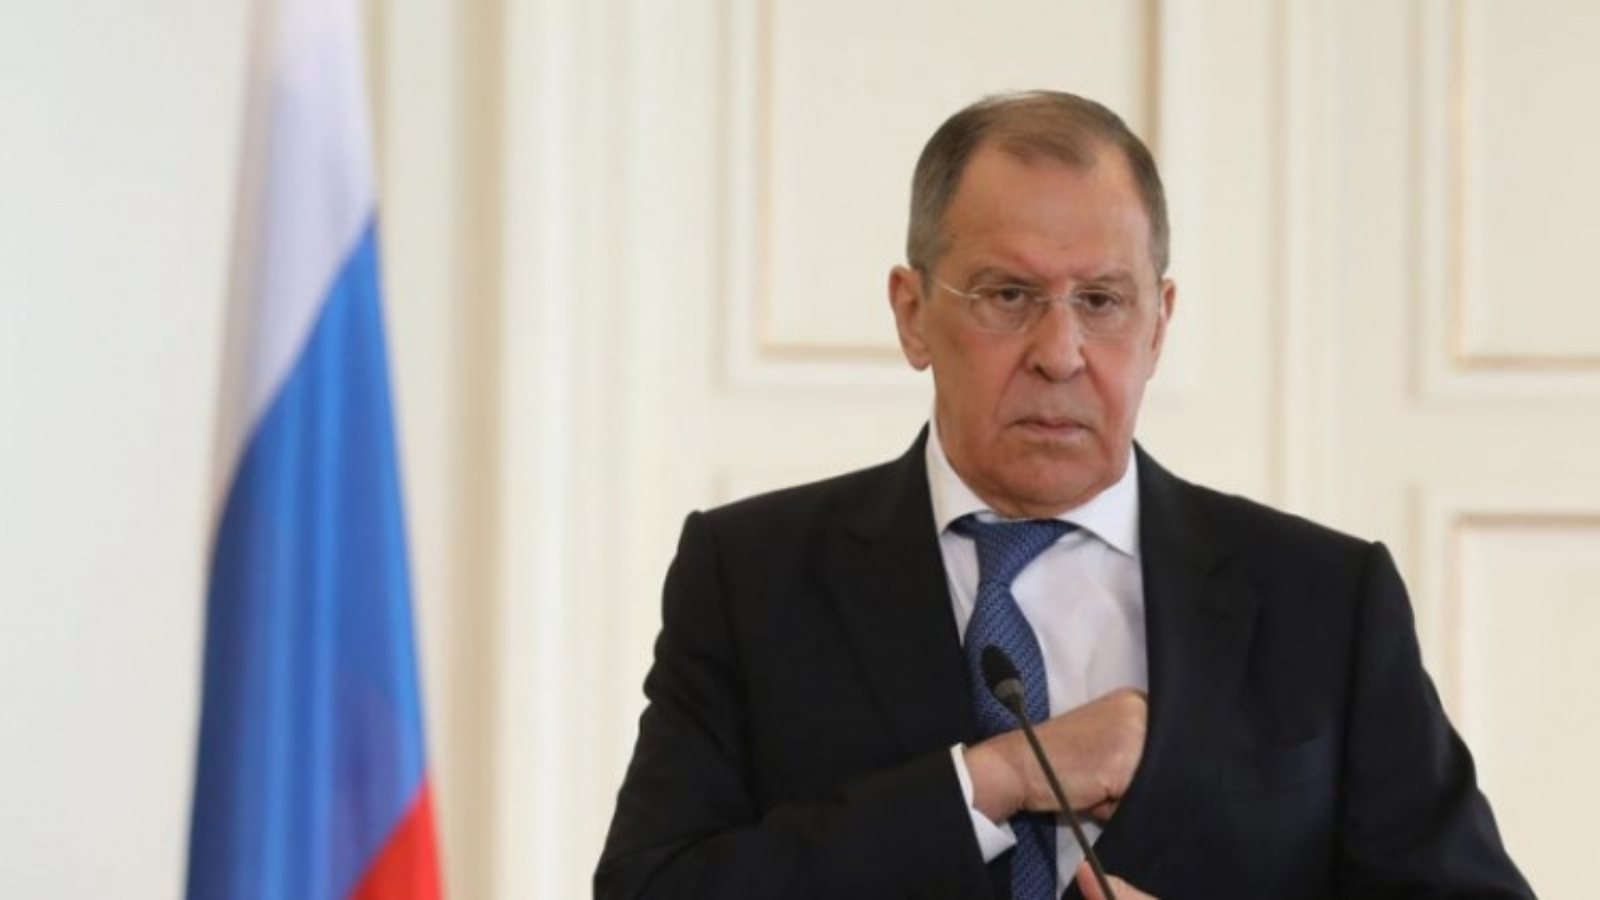 Nga kêu gọi Bộ tứ nhóm họpnhằm giải quyết xung đột Israel- Palestine